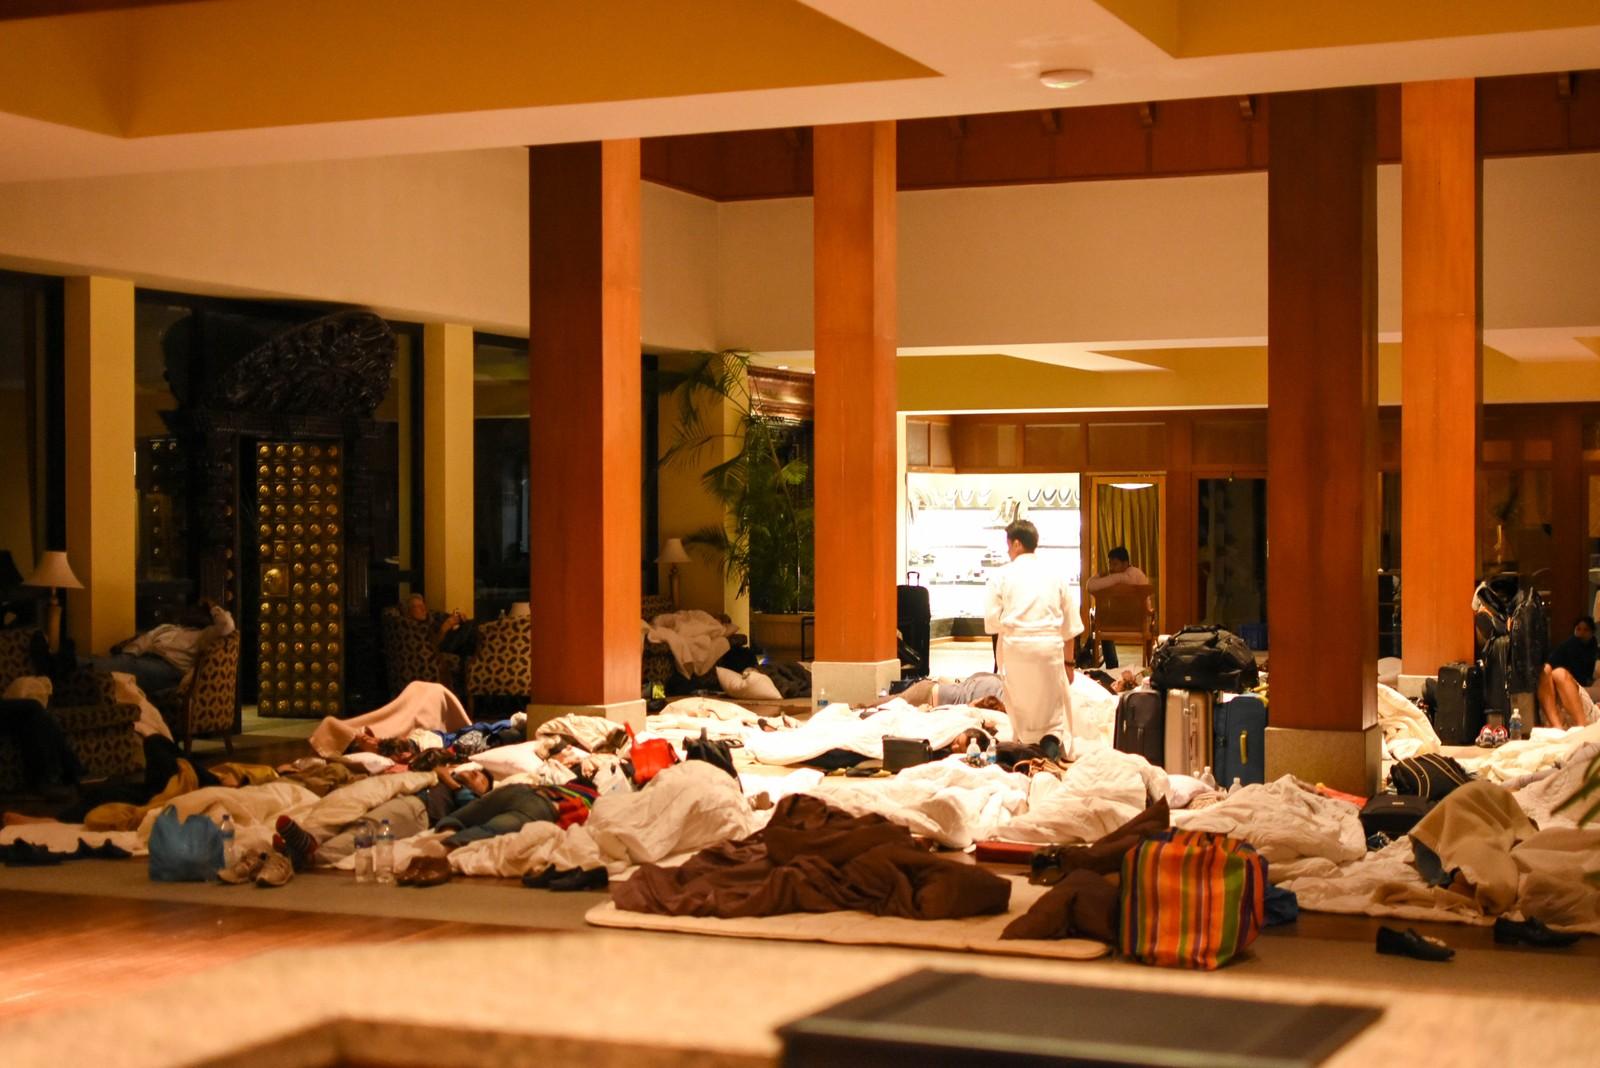 Lobbyen på Hyatt hotell ble brukt som sovesal.